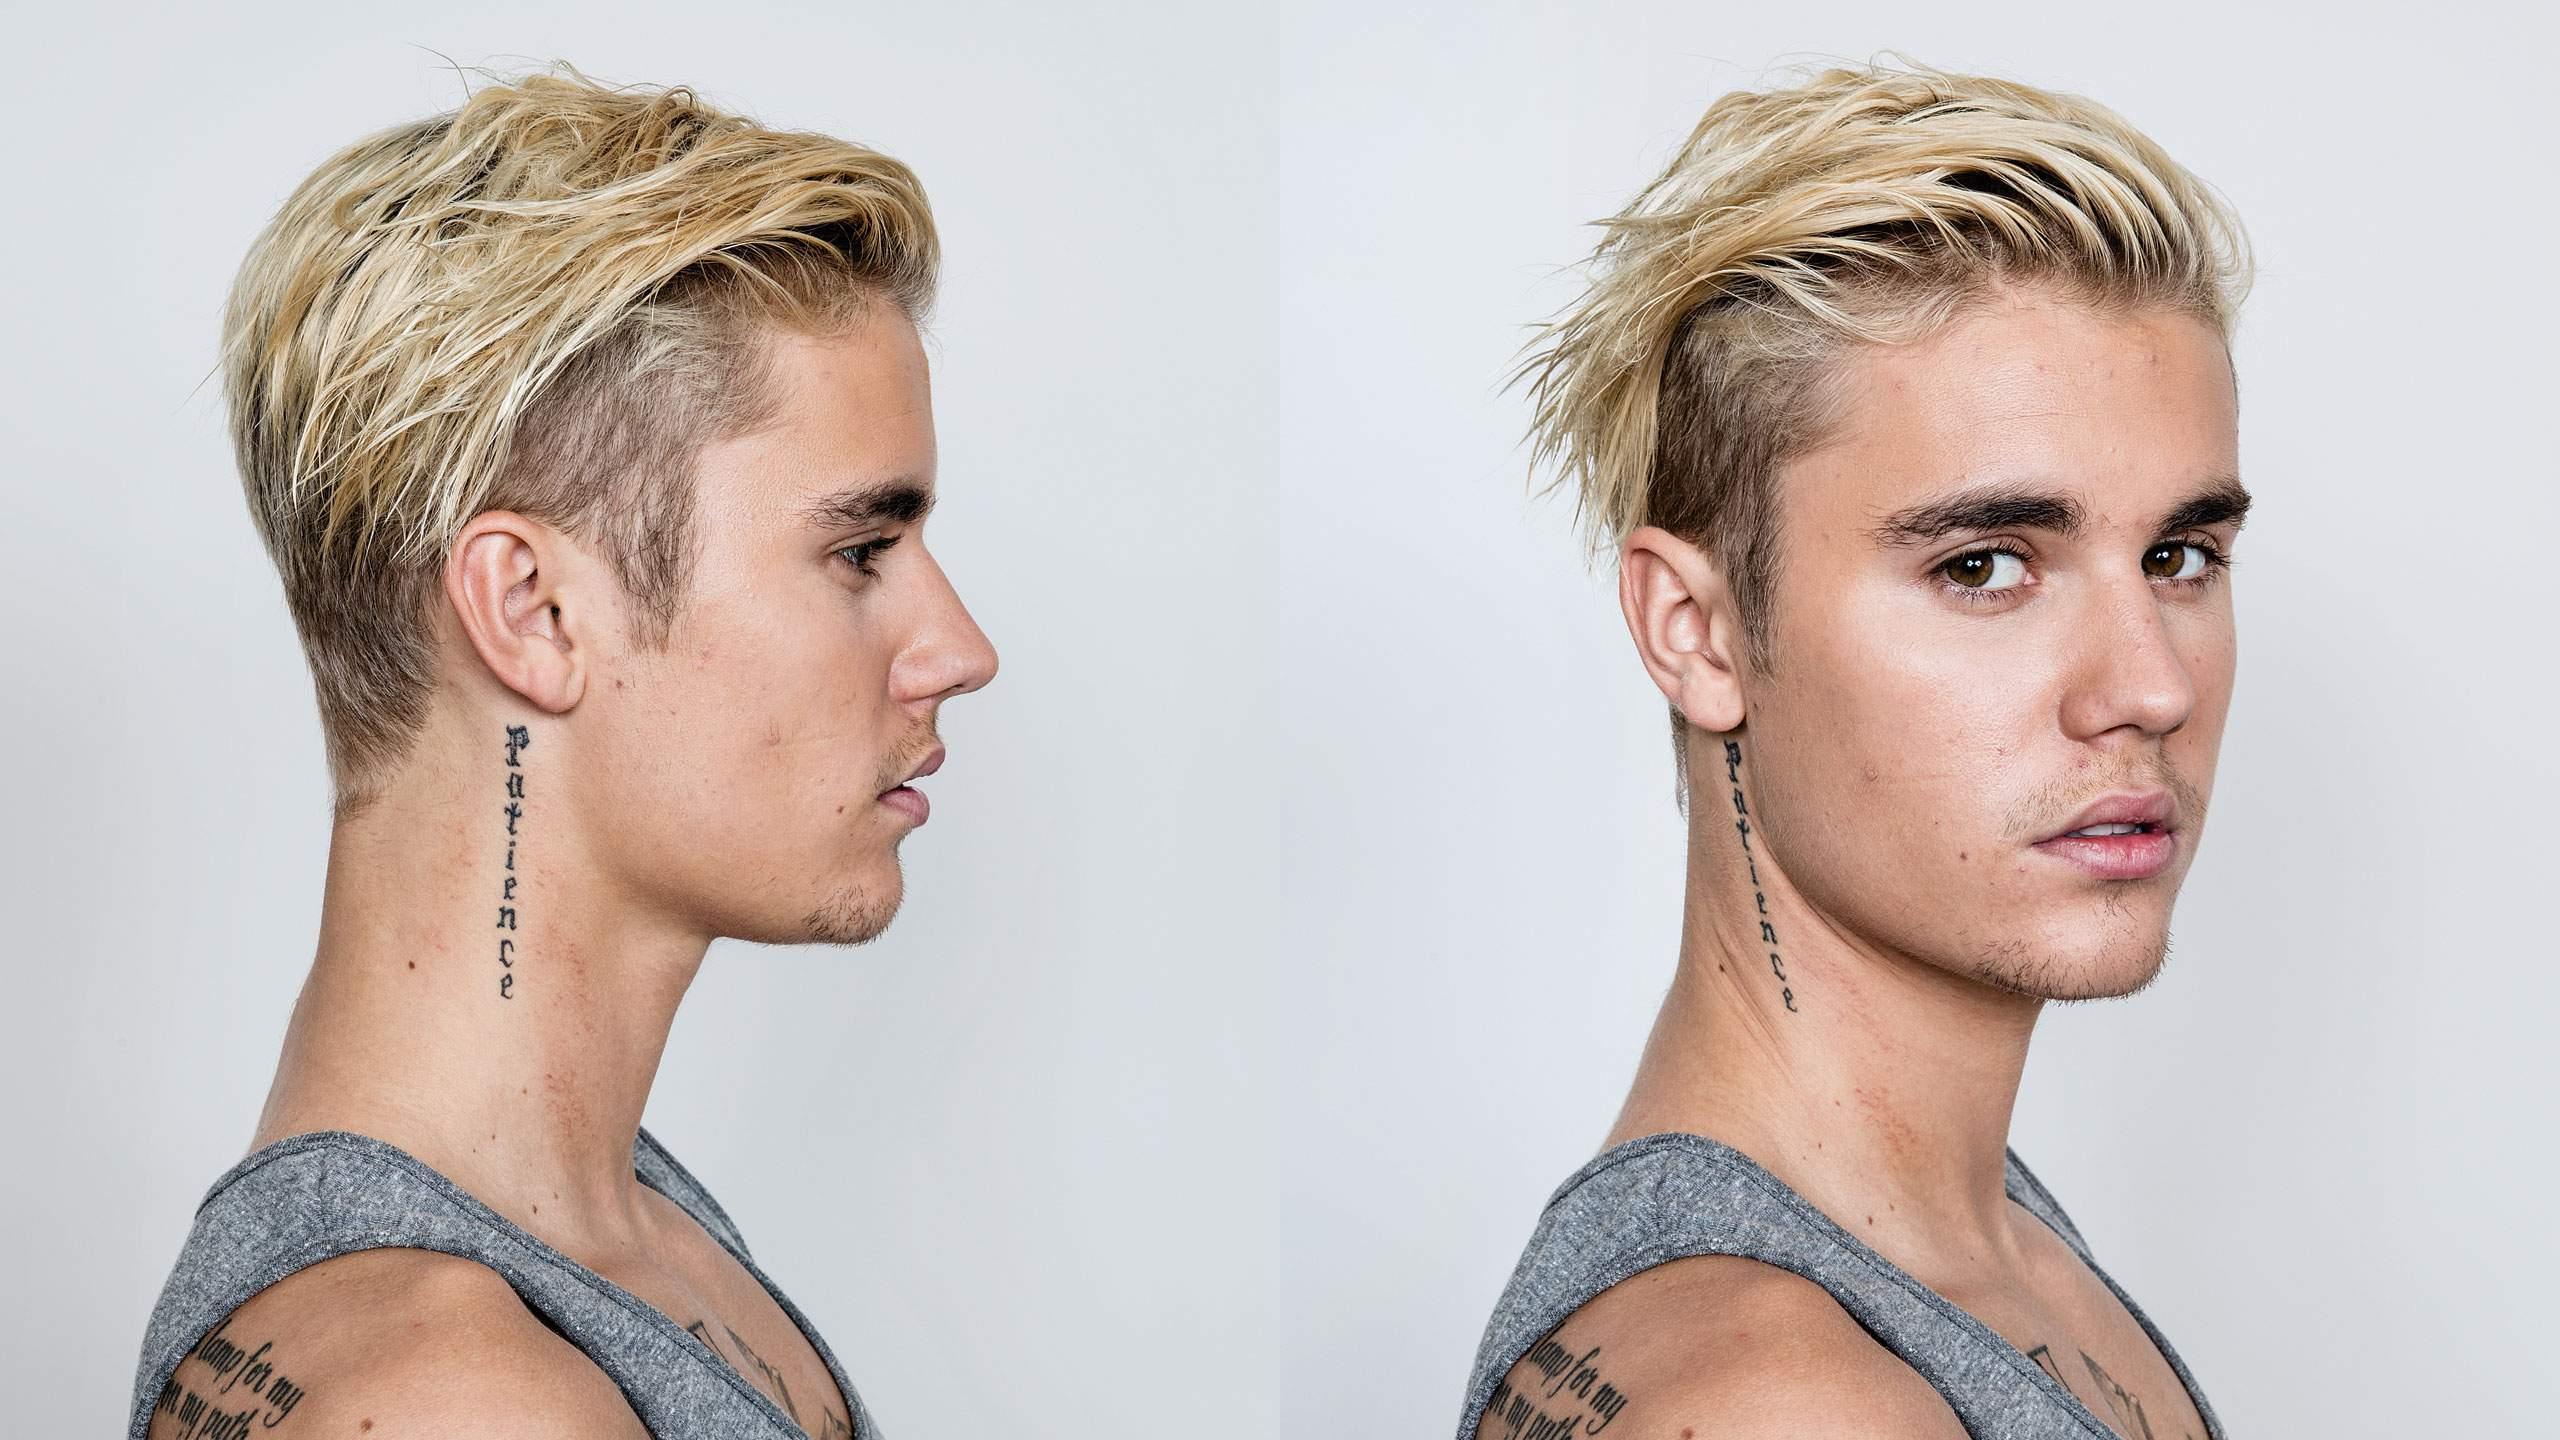 Как сделать причёску как у джастина бибера